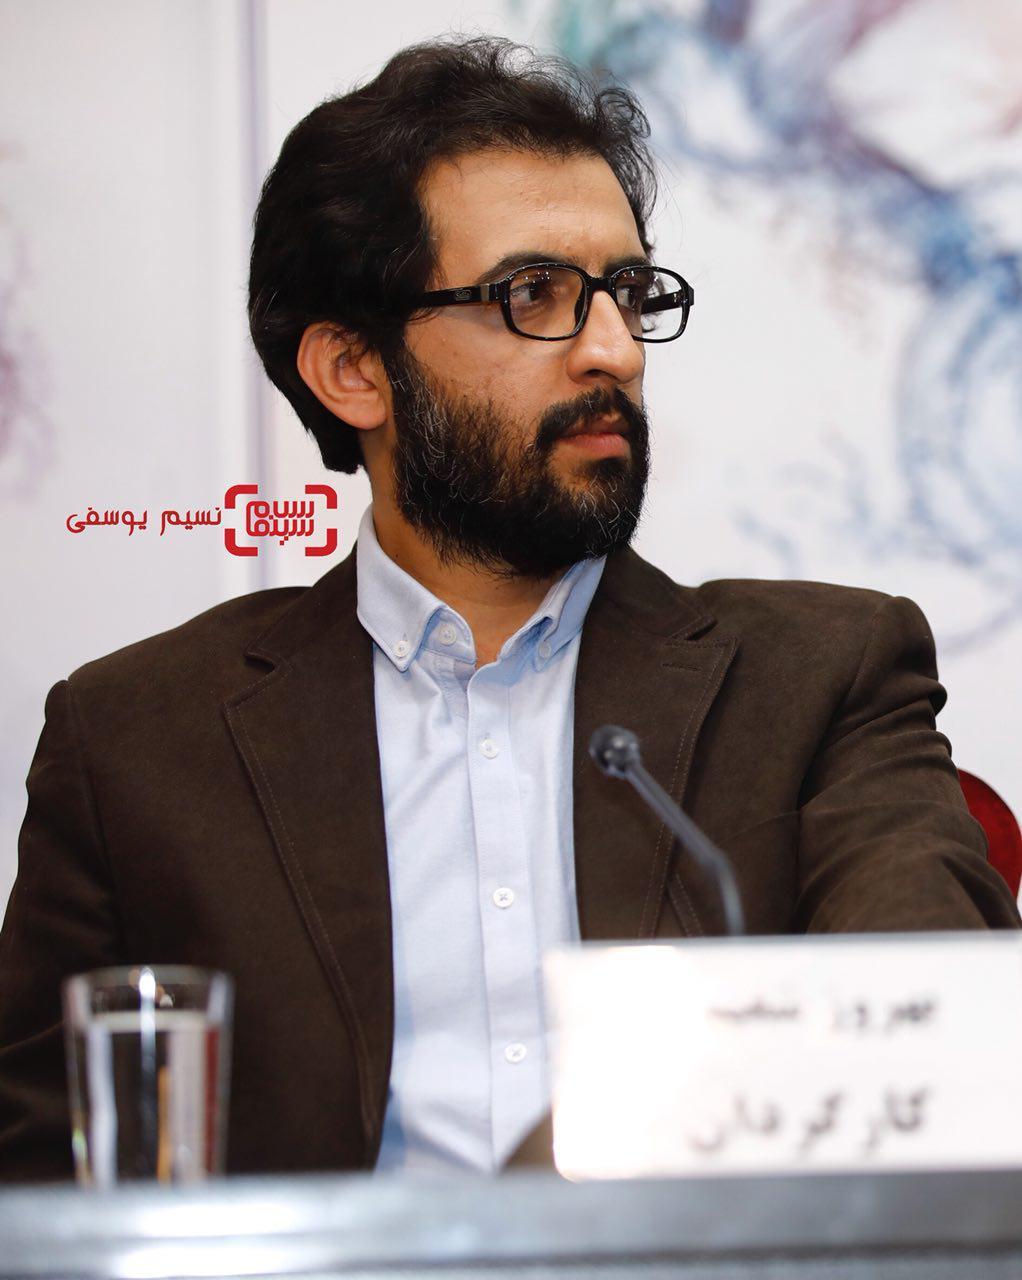 بهروز شعیبی برای تماشای فیلم «دارکوب» در کاخ رسانه جشنواره فیلم فجر36